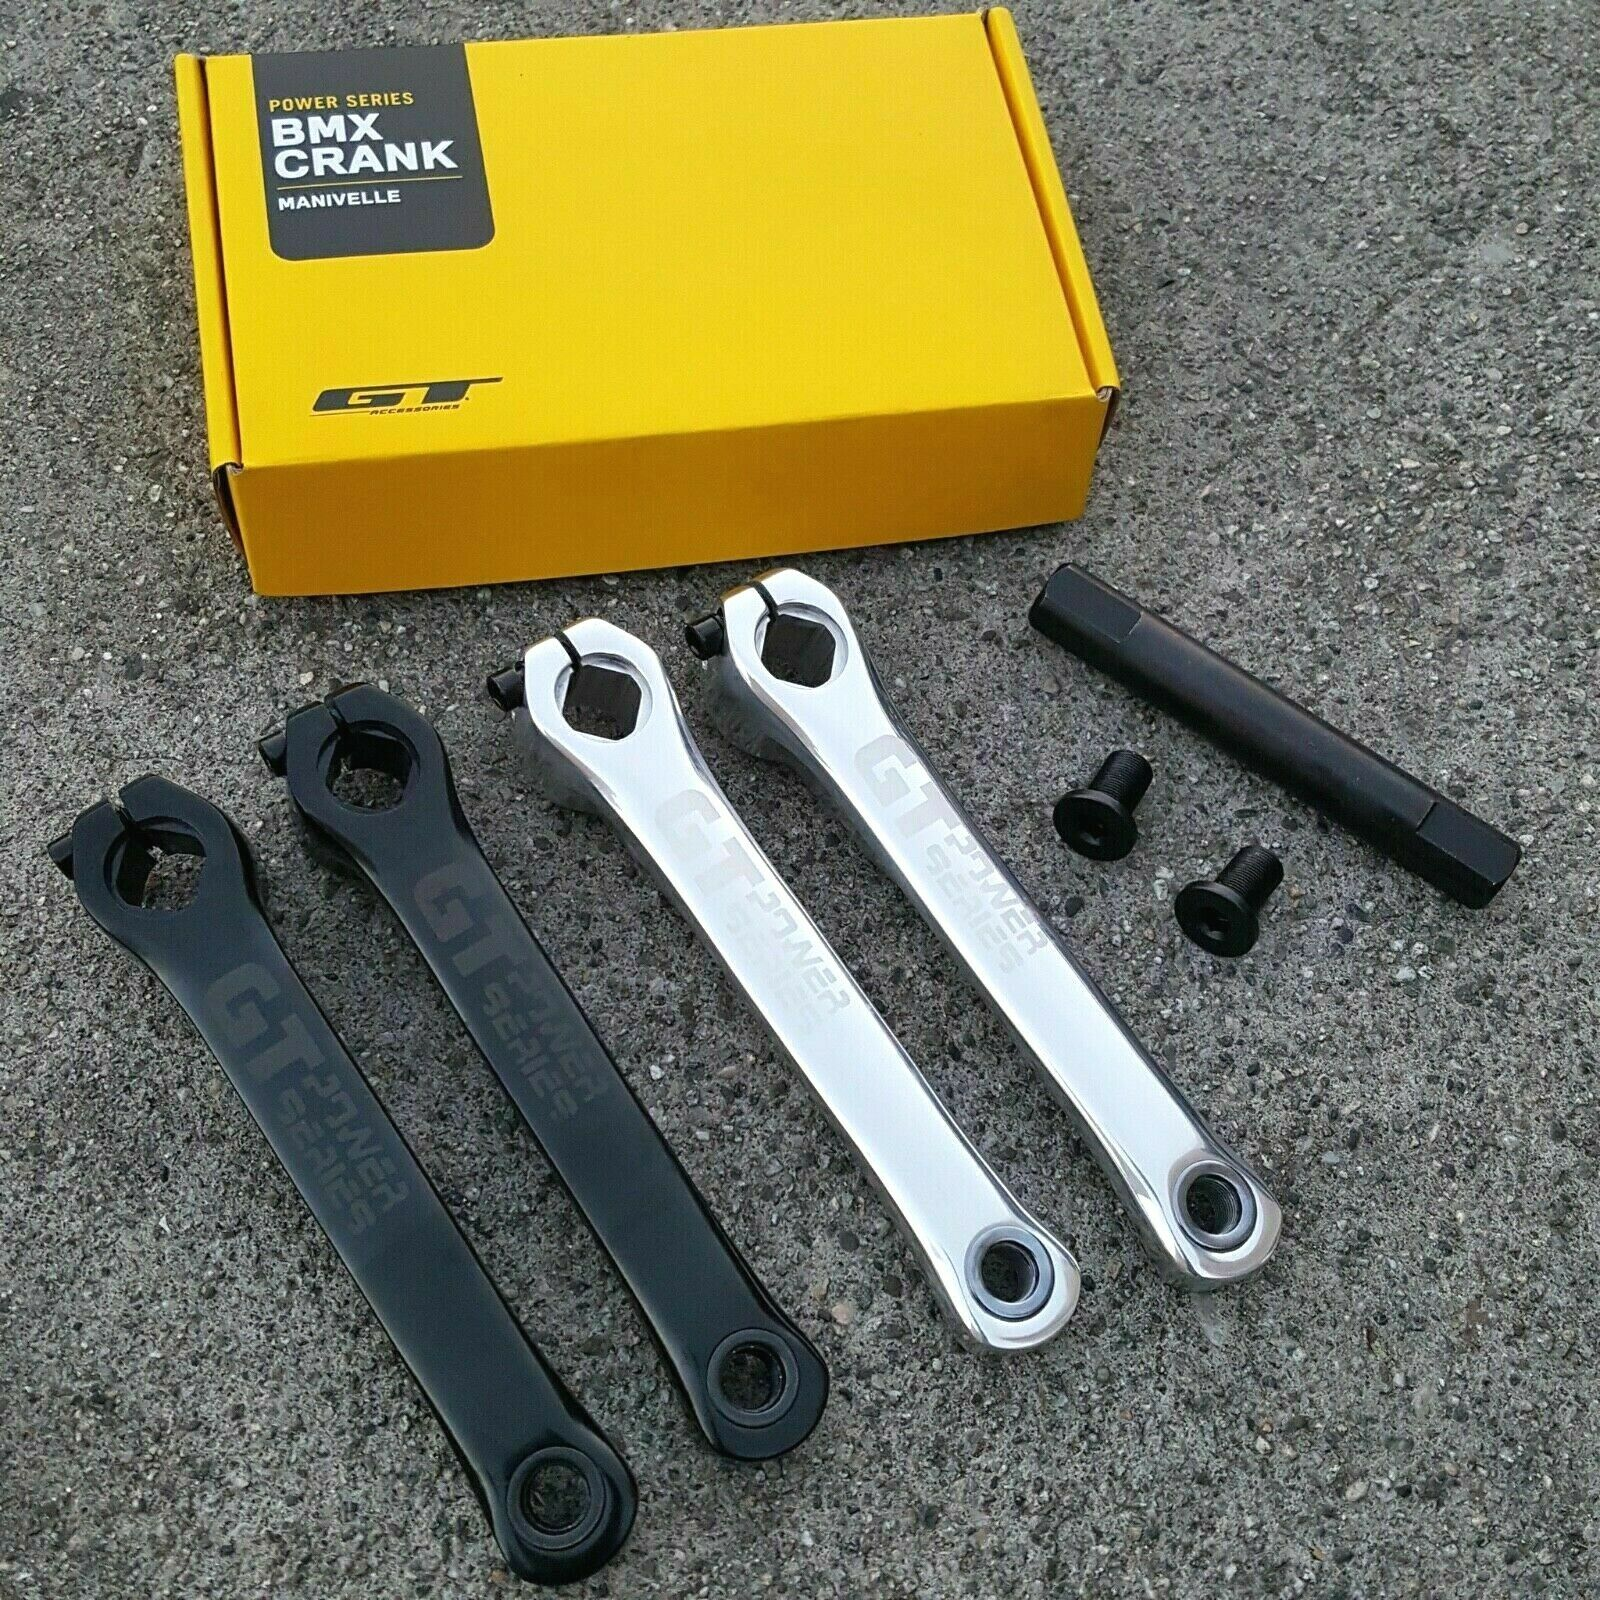 GT Power Series Aleación Bielas Negro O Cromo 175MM Bicicleta BMX Bielas Haro rojoline